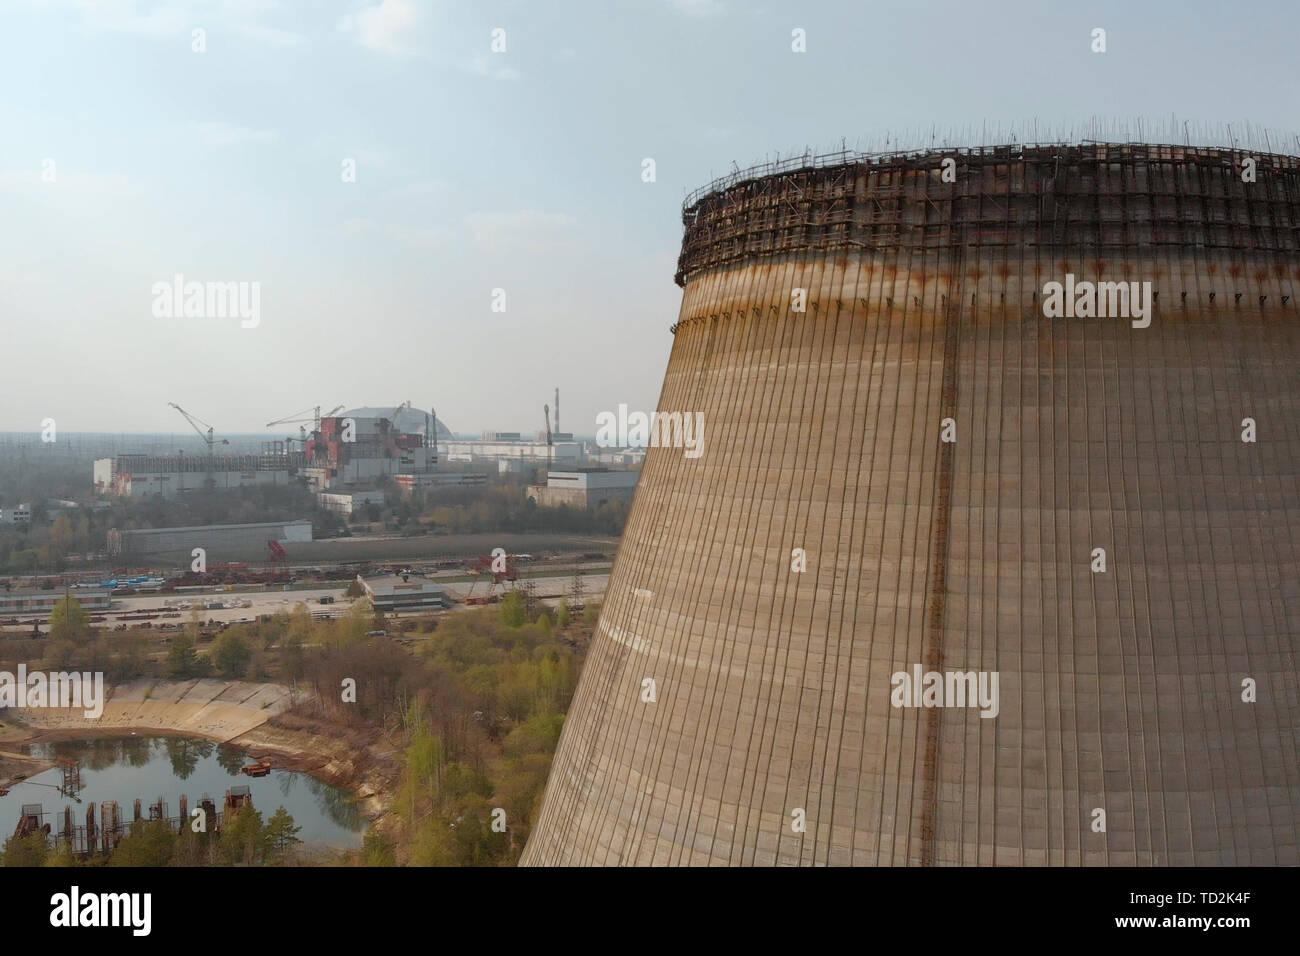 Territory near Chernobyl NPP, Ukraine. Aerial view - Stock Image